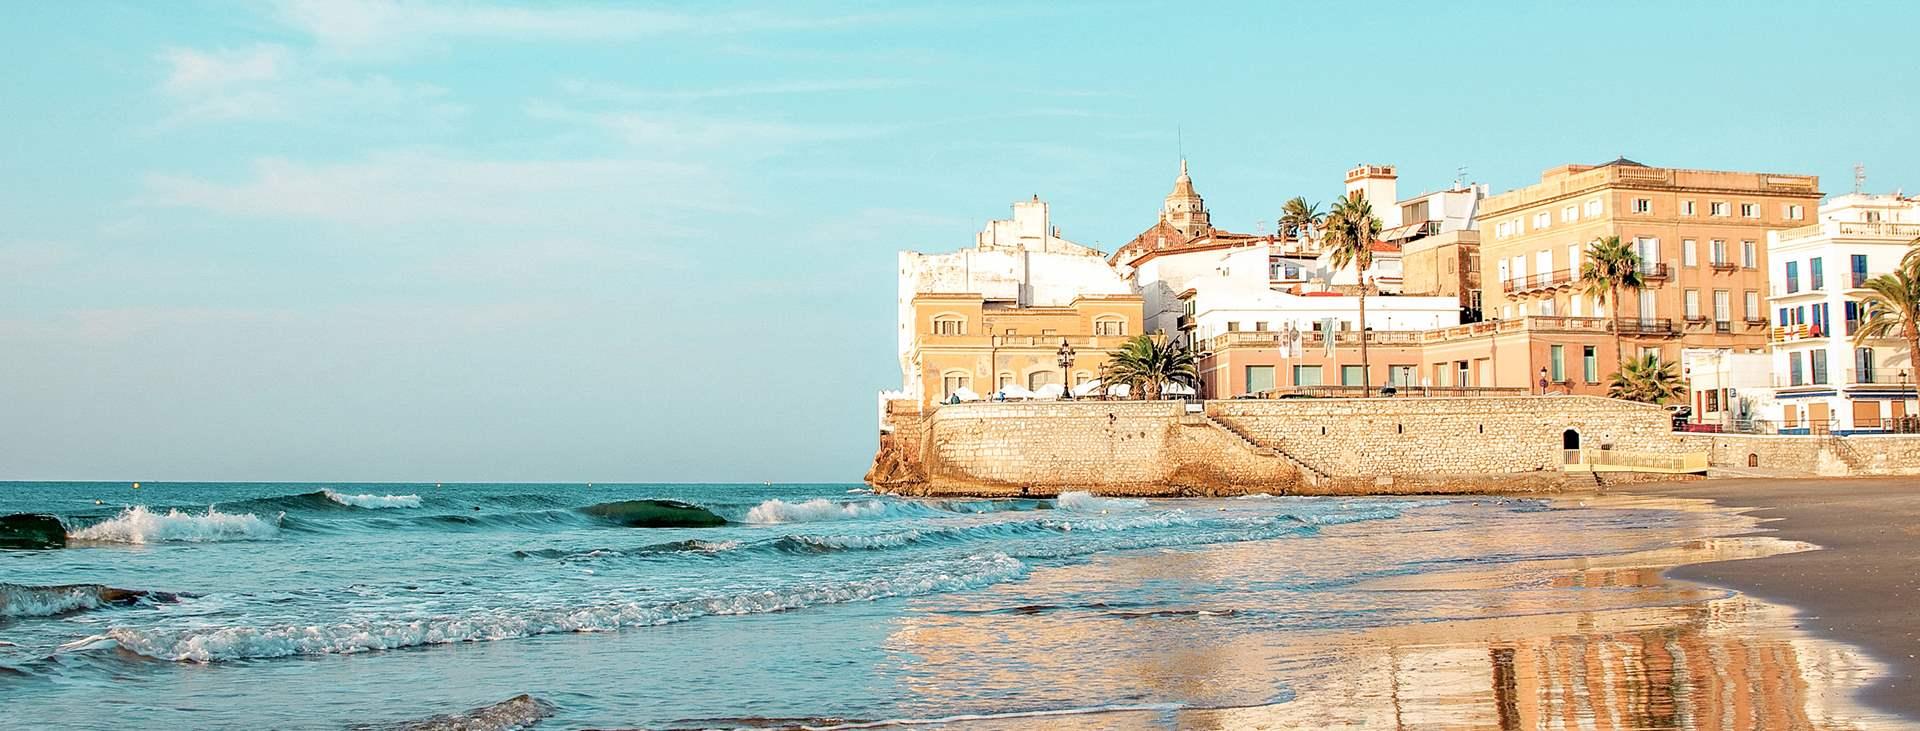 Reiser til Costa Dorada i Spania